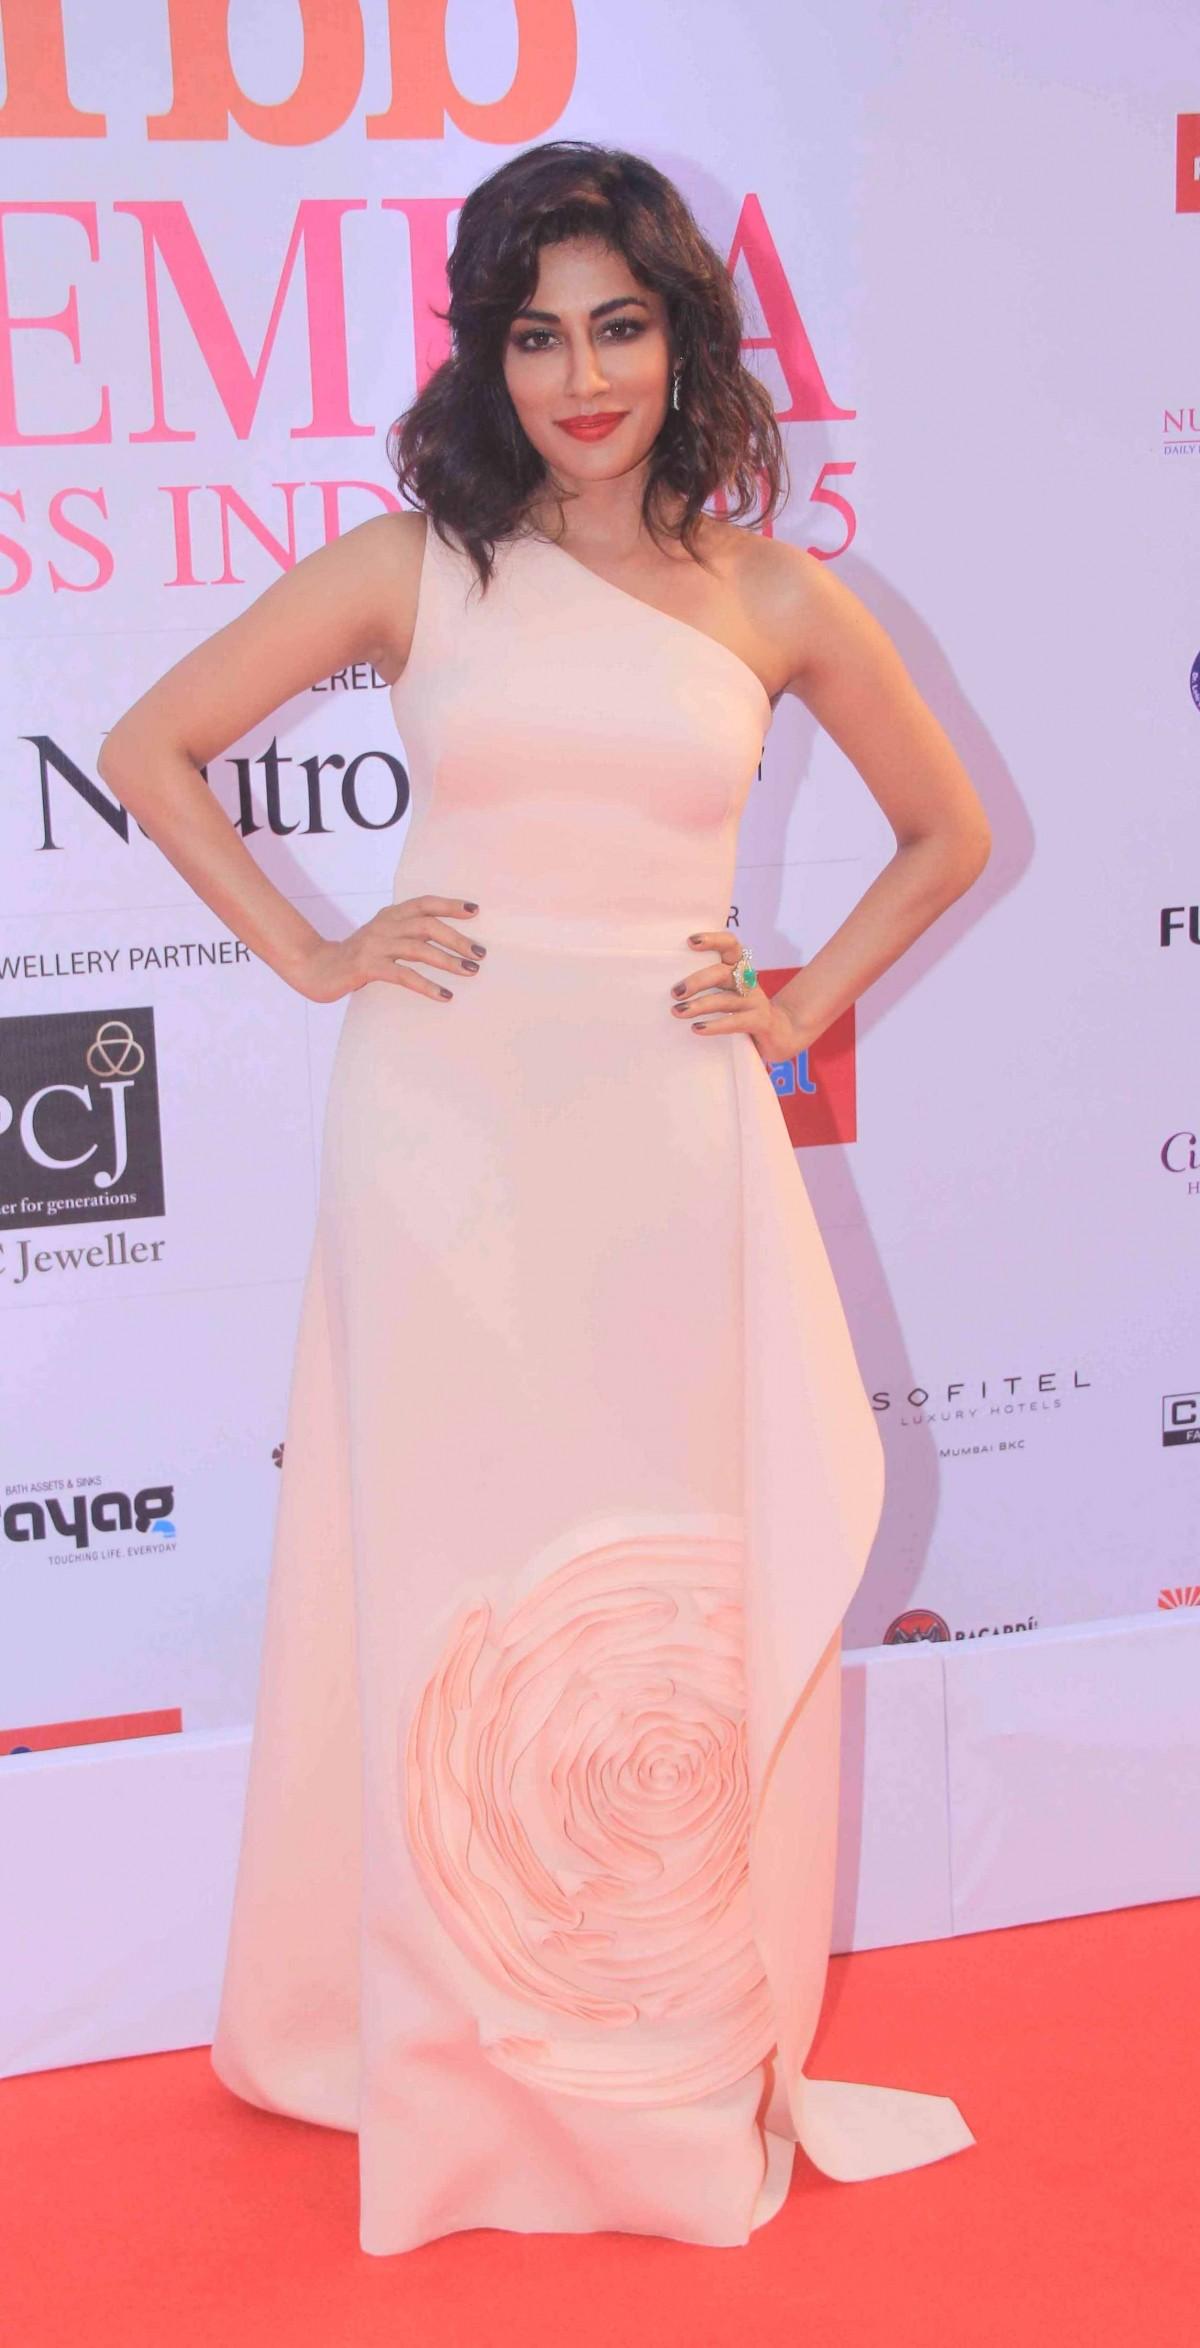 Femina Miss India 2015 Red Carpet